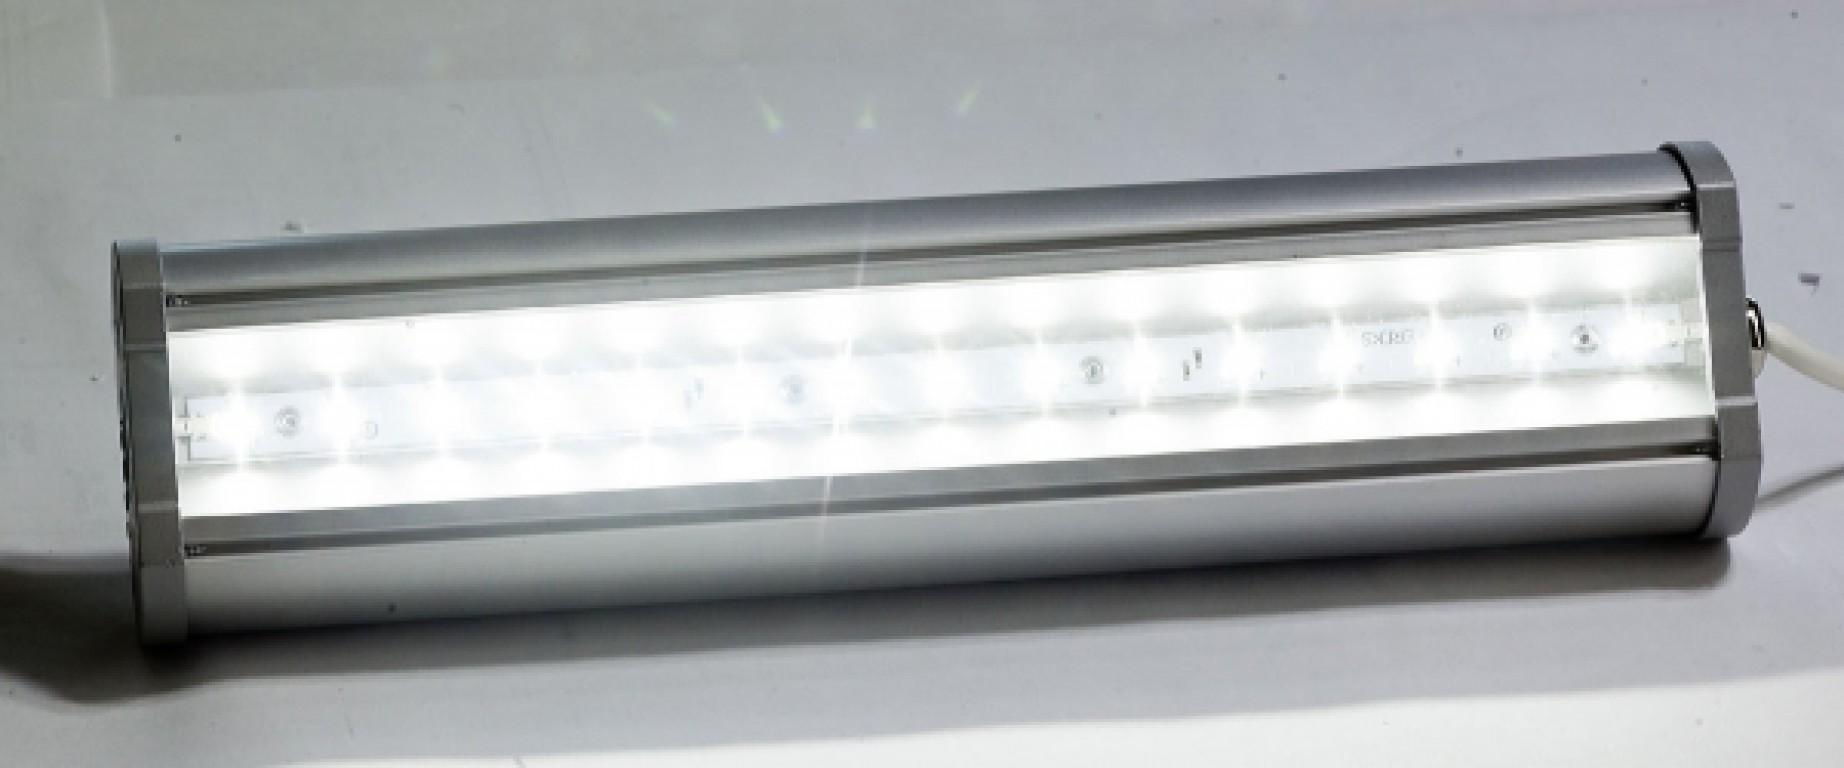 Светильник ДСО 02-33-50-Д (универсальный)